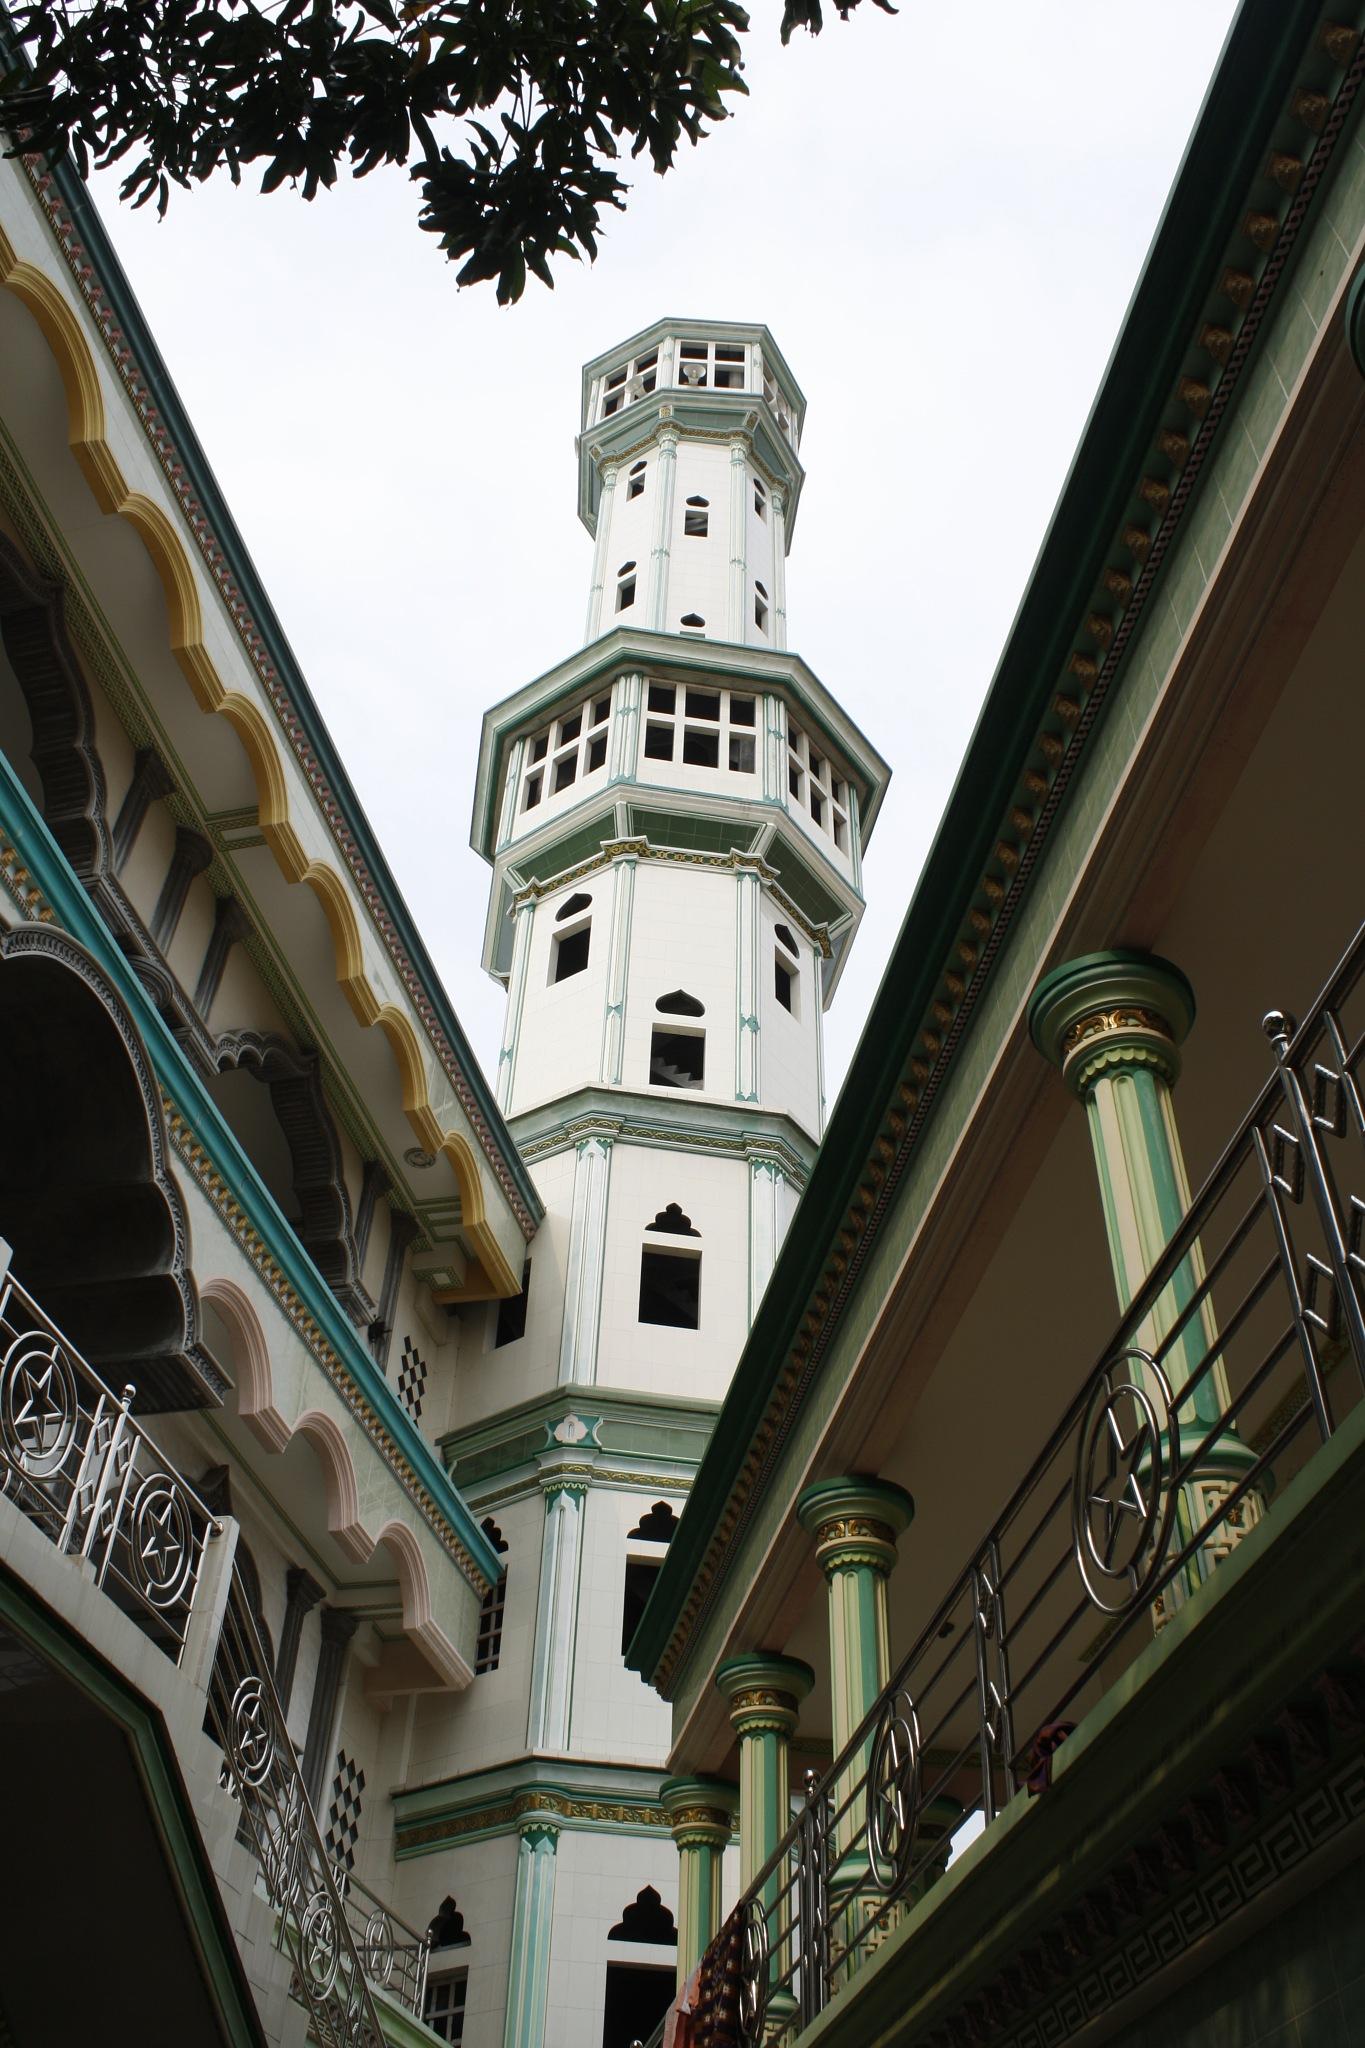 Menara by Asep Numoto